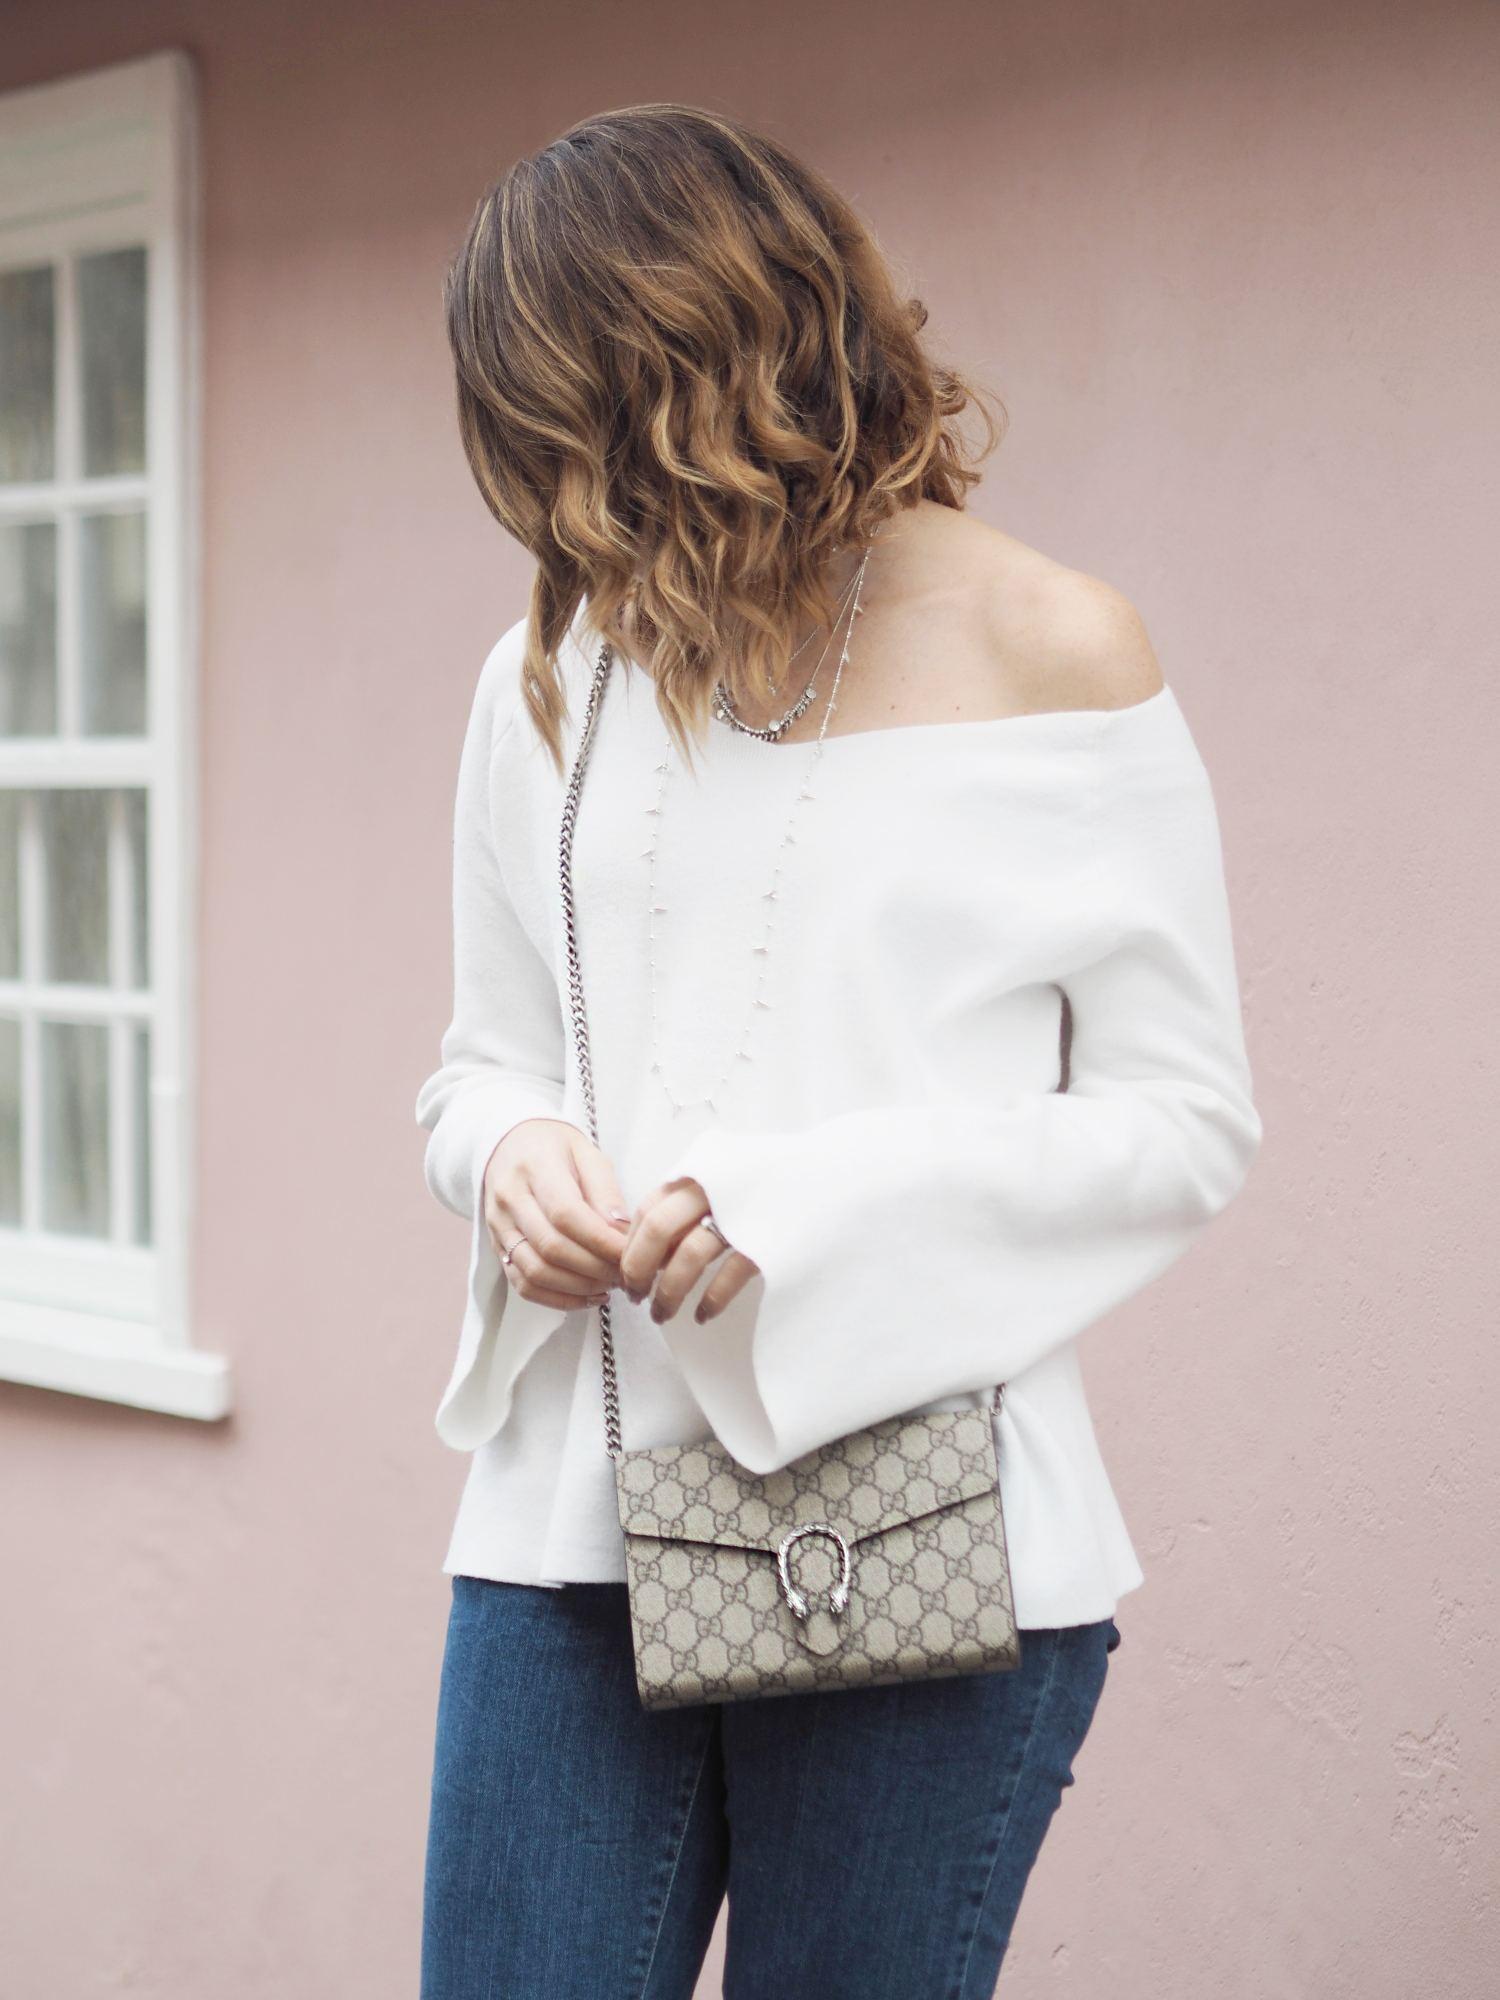 81e2d1282235c Gucci GG Supreme shoulder bag